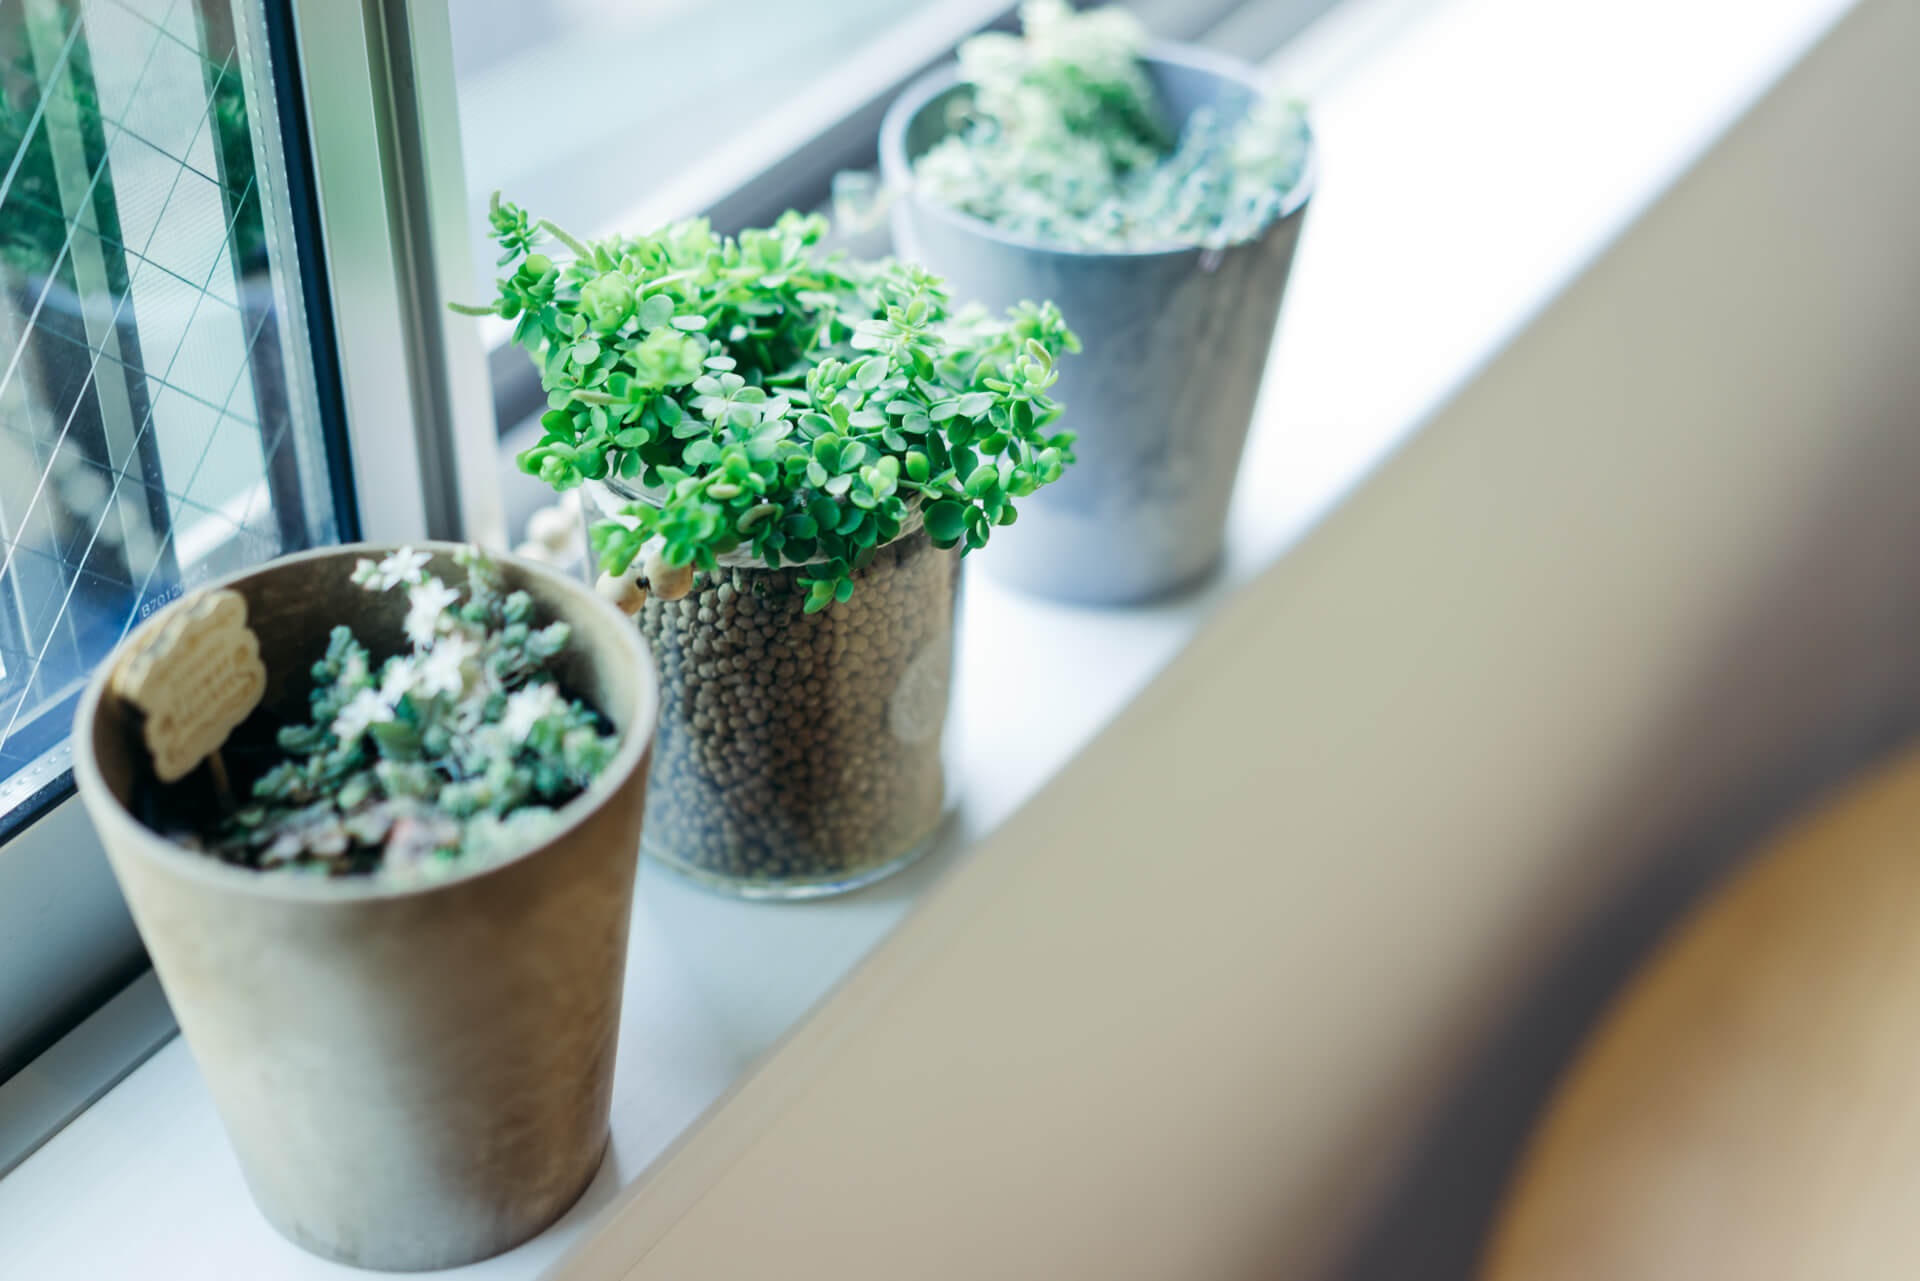 一番光のあたる場所には、わさわさ元気に育つアイビーと、毎年お花を咲かせるという多肉植物たち。